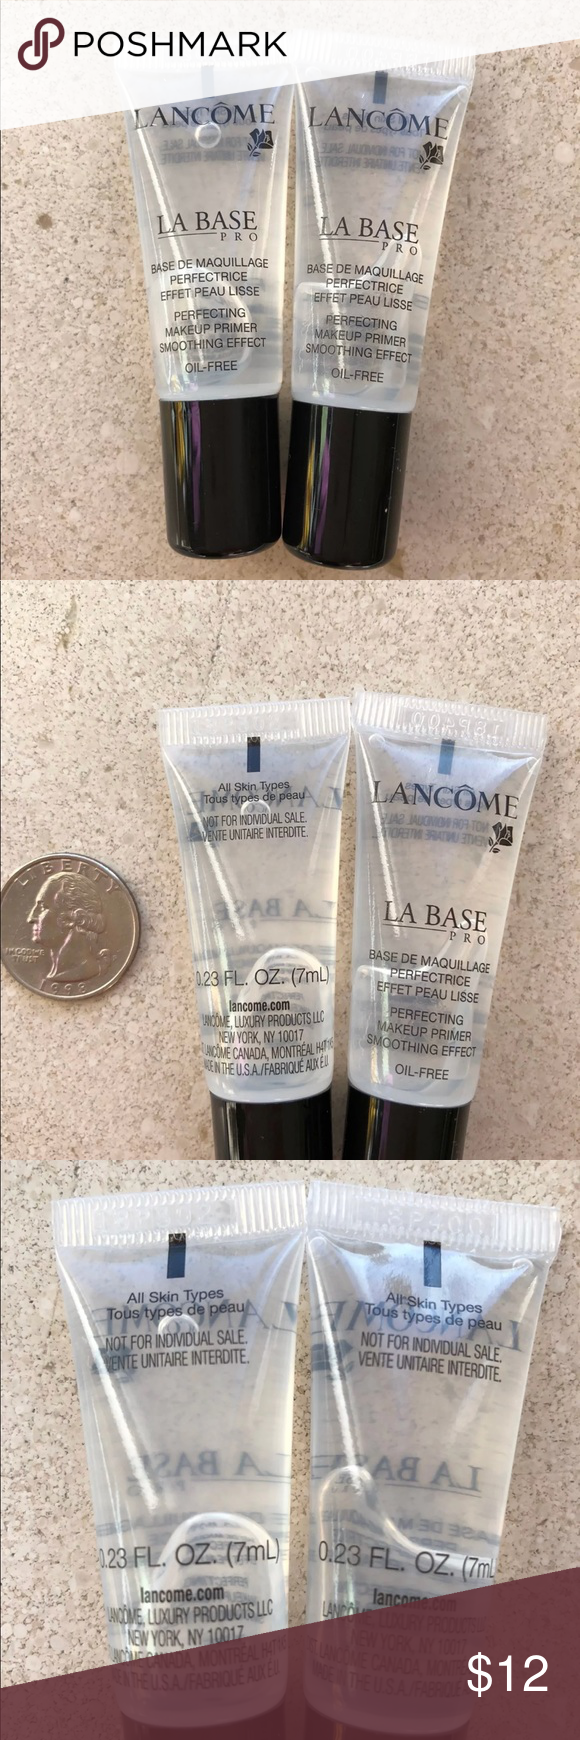 Lancôme La base Pro Makeup Primer MINI DUO 💕 2 Lancôme La